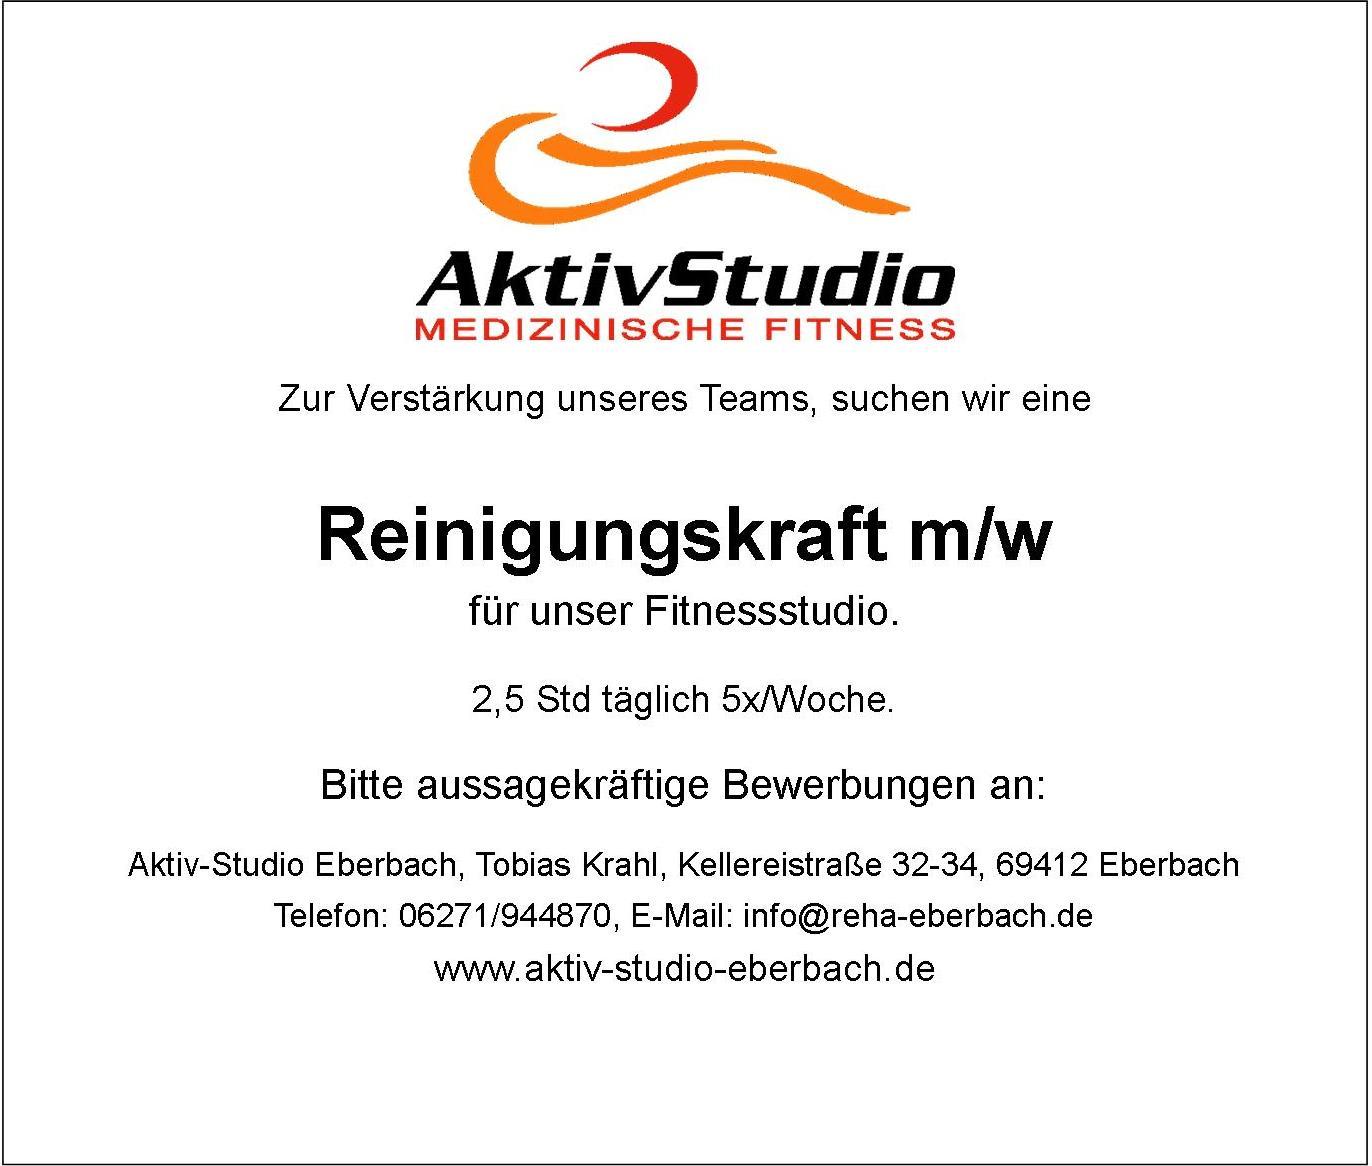 Stellenangebot Reinigungskraft Aktiv Studio